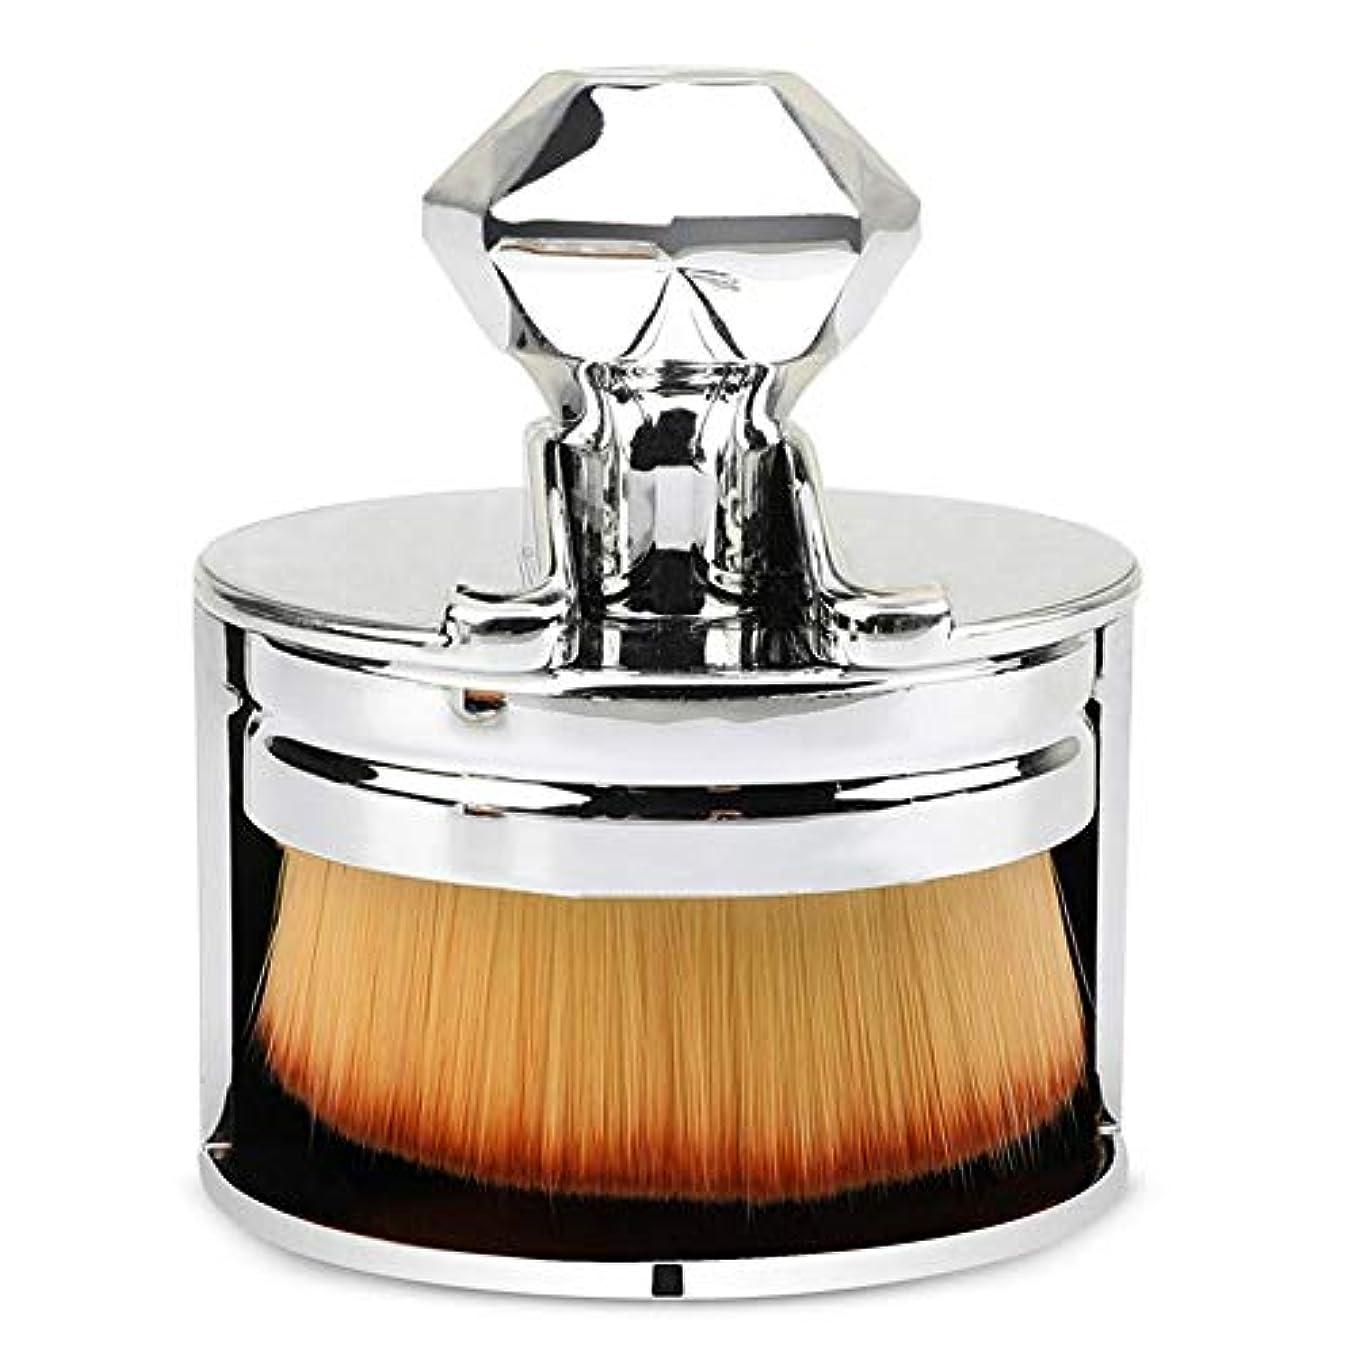 台風あいまい薄汚い化粧筆 人気ファンデーションブラシ ファンデーションブラシ使いやすい 初心者 美容院 化粧ツール